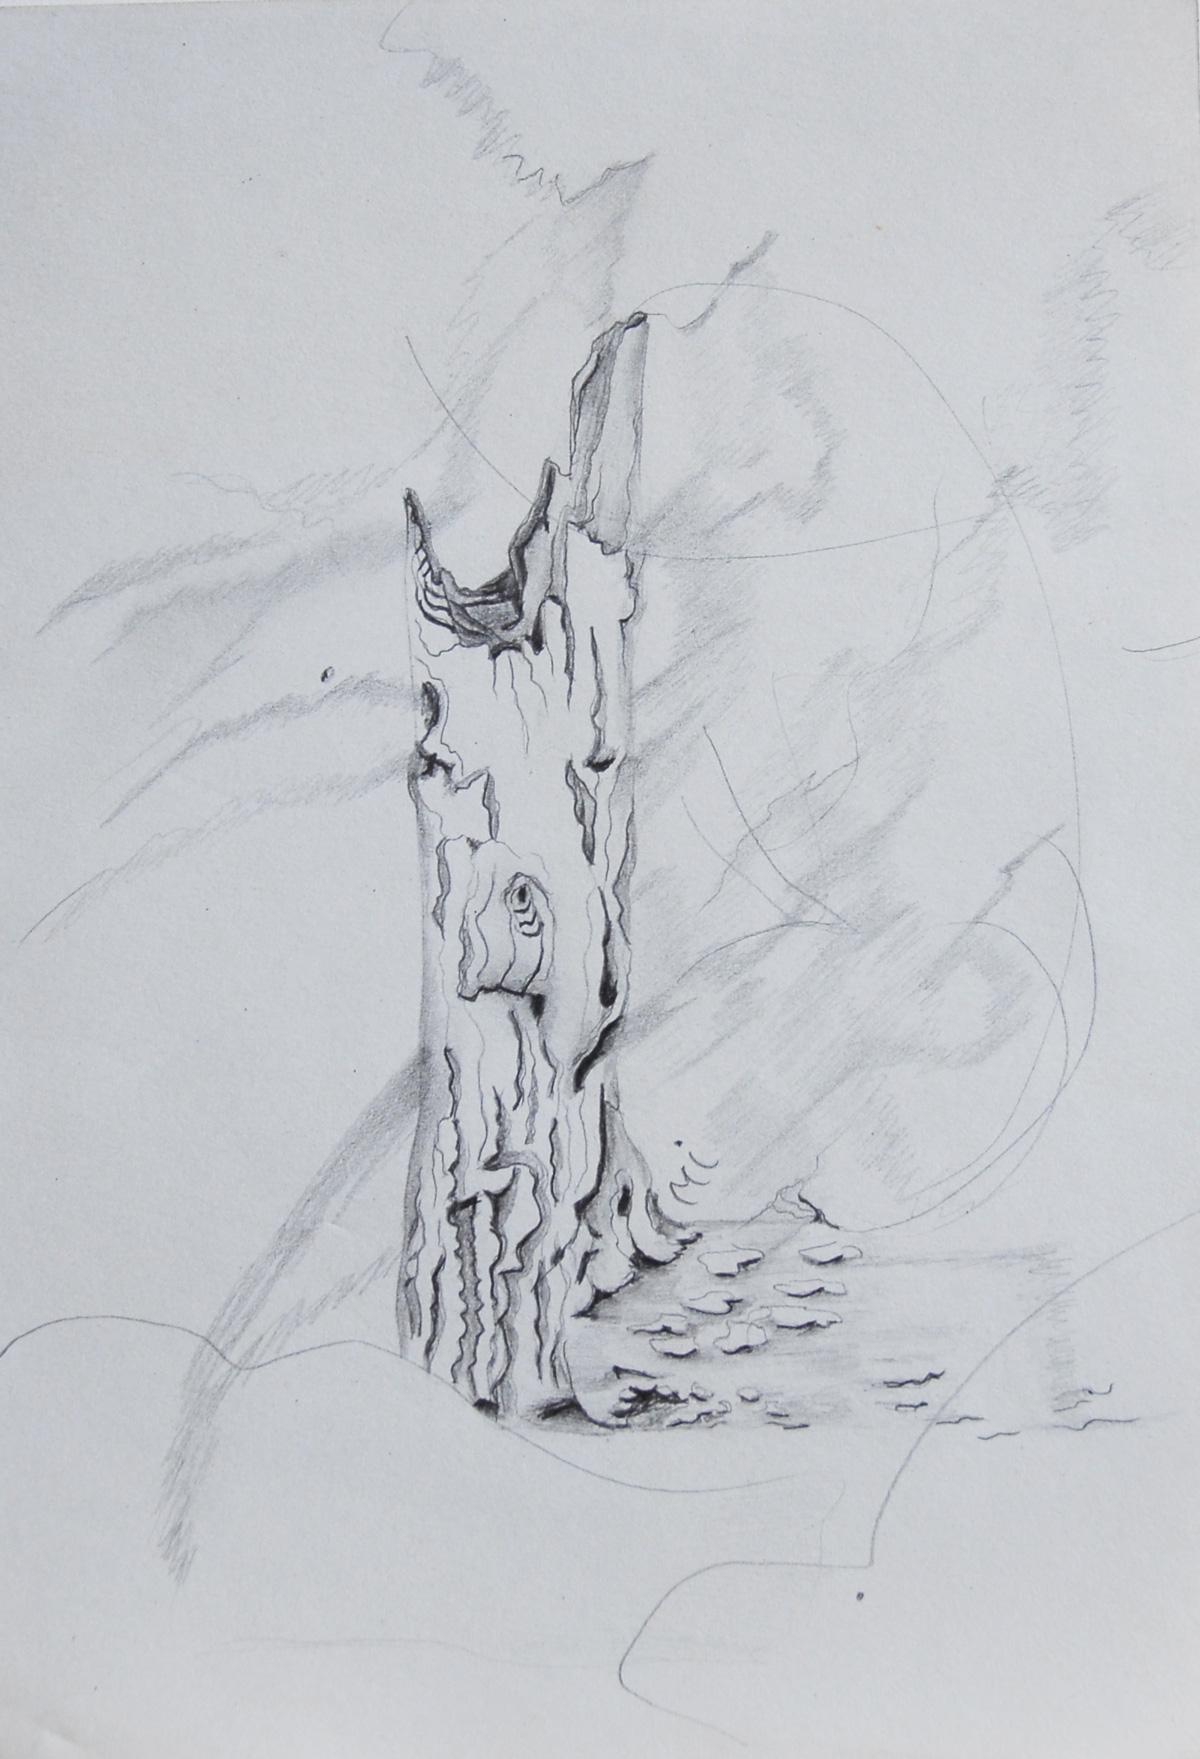 148 - L'ARBRE-CHEVAL crayon 14,7 x 21